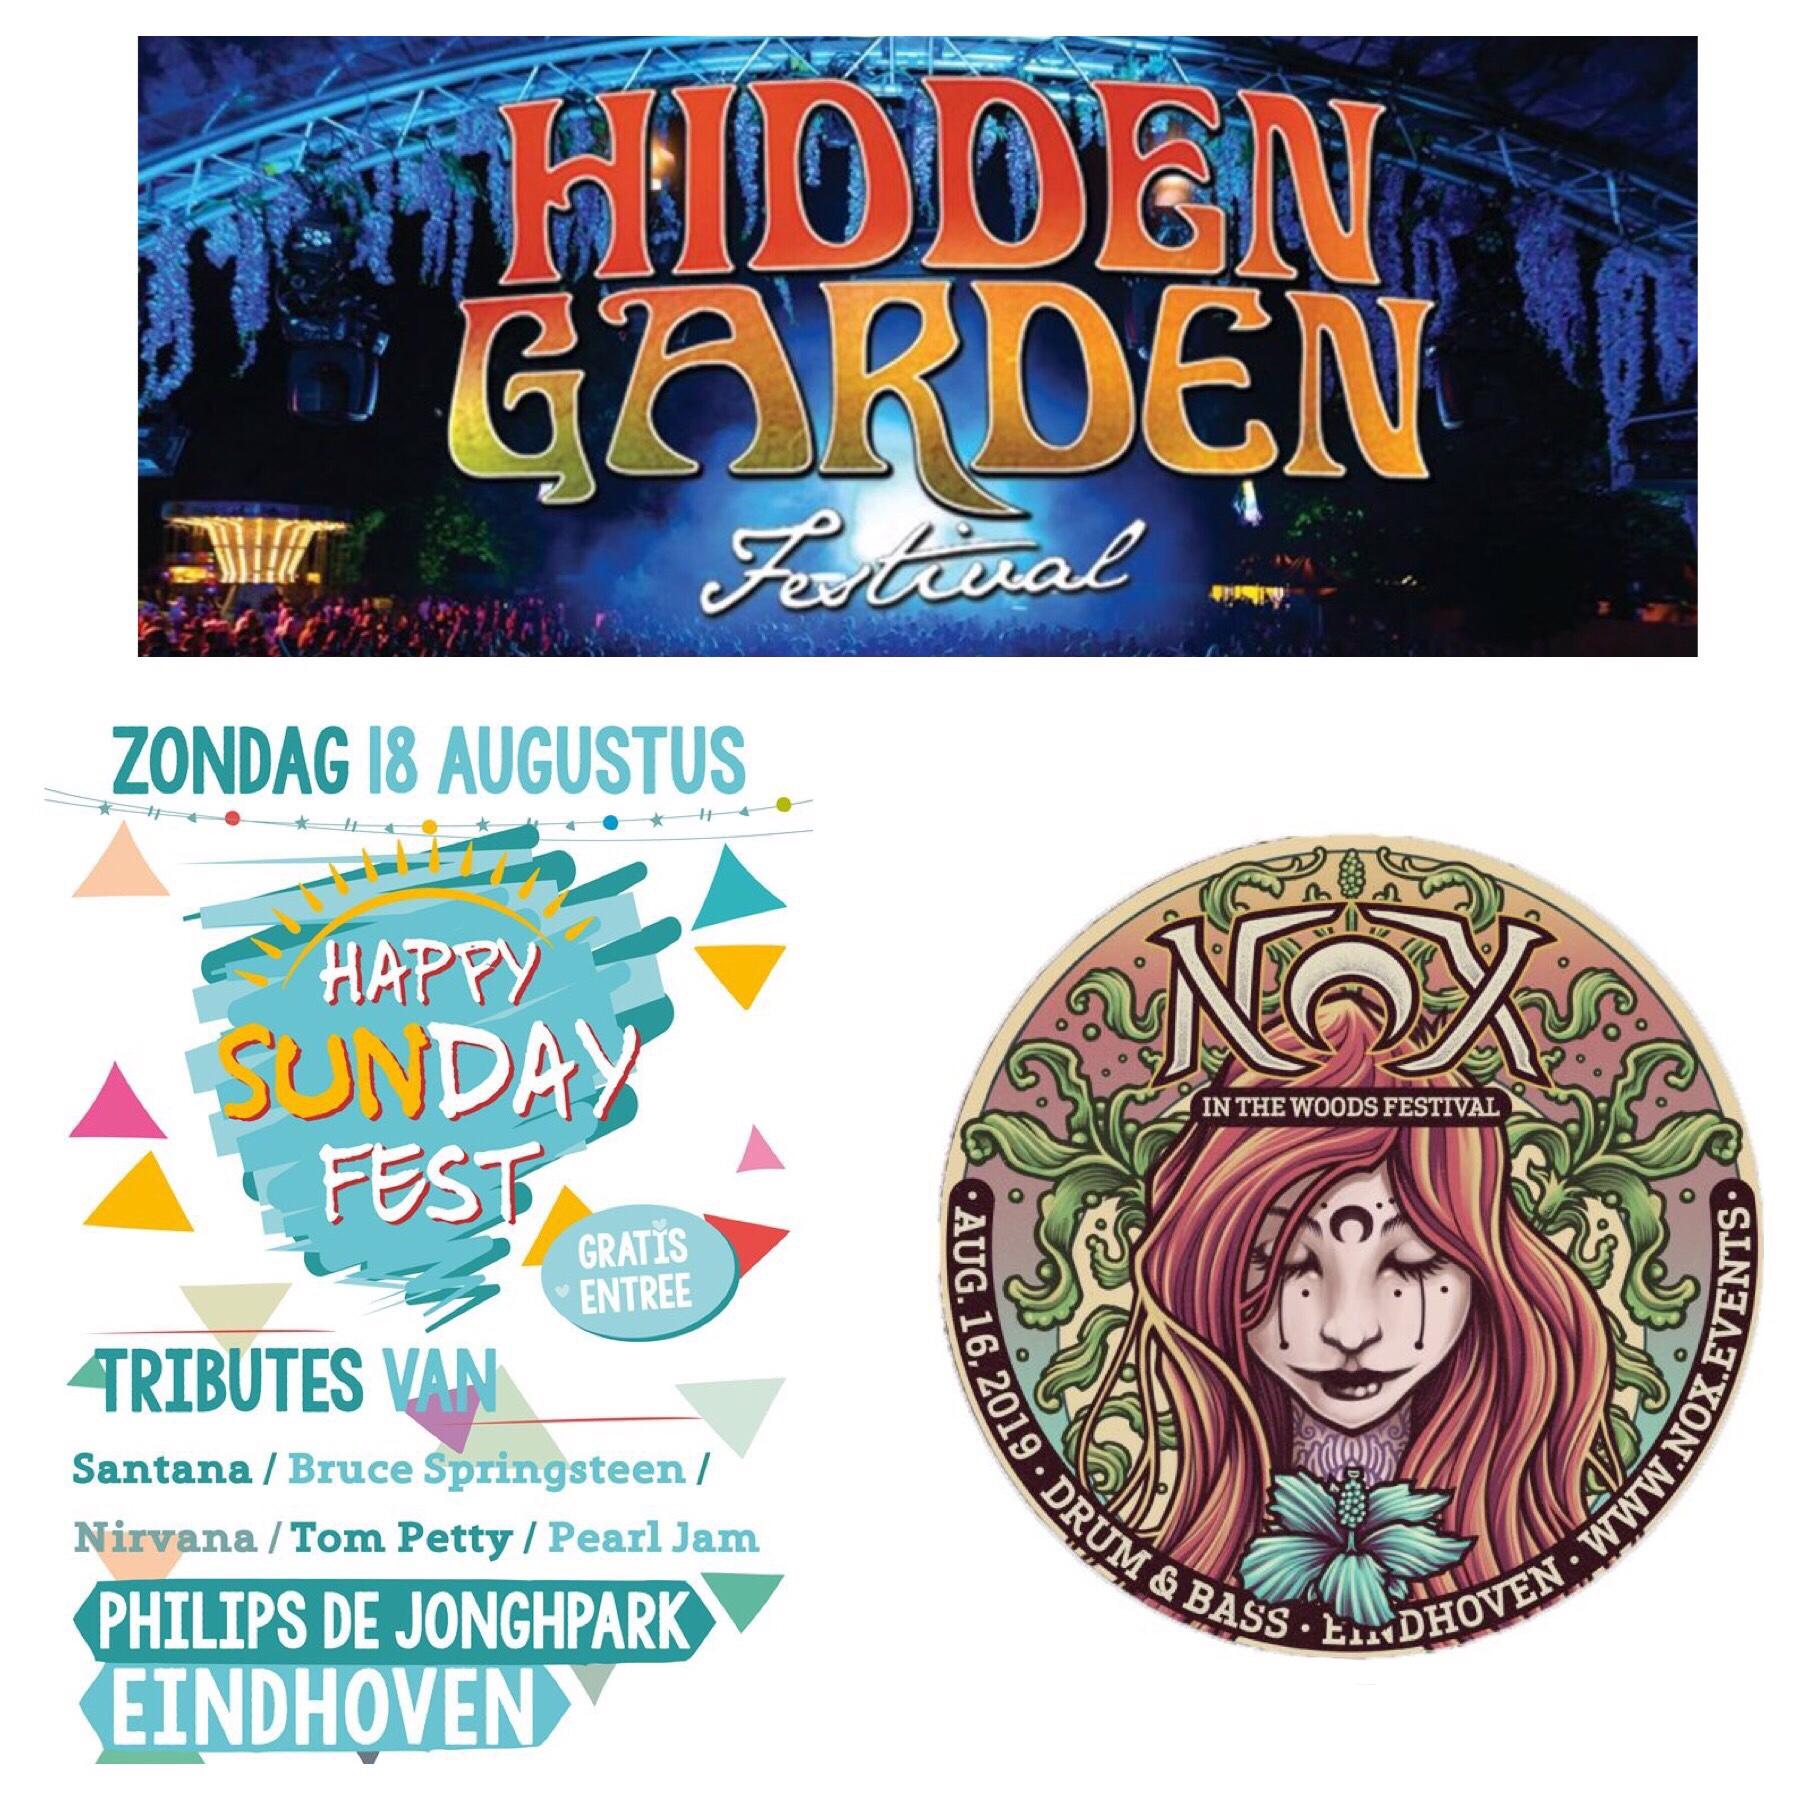 Cameratoezicht geleverd in Philips de Jonghpark Eindhoven voor Nox In The Woods, Hidden Garden festival en Happy Sunday Fest! #beveiliging #commandounit #security #camerabeveiliging